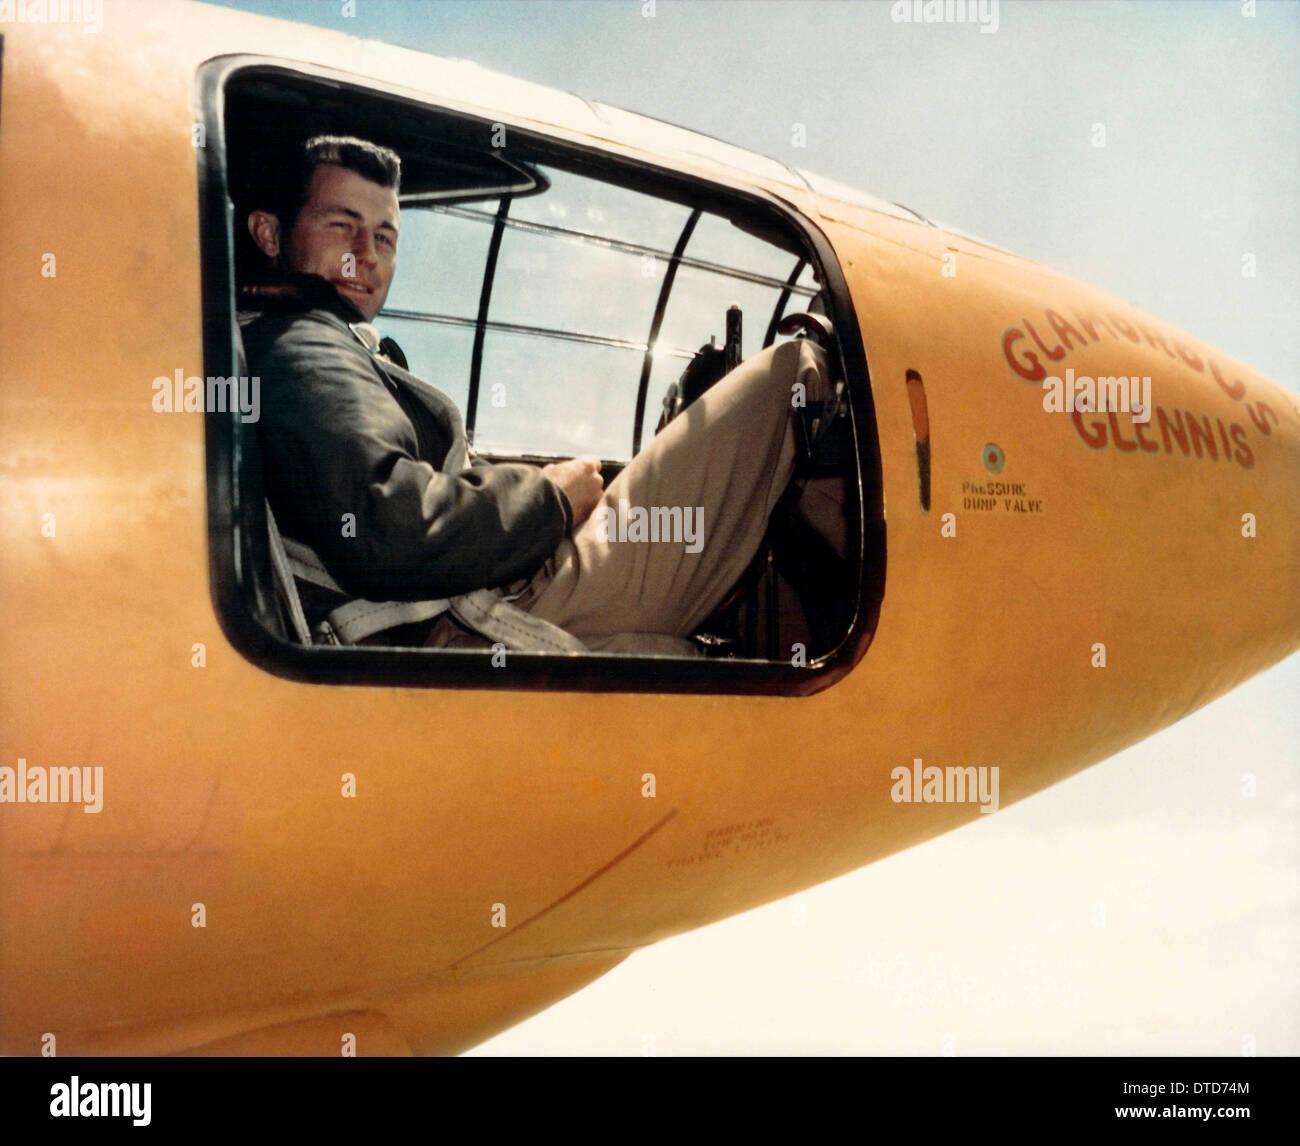 Le pilote d'essai de l'US Air Force le Capitaine Chuck Yeager assis dans le cockpit de Glamorous Glennis Bell X-1 de l'aéronef qui a brisé le mur du son le 26 septembre 1947 à Palmdale, Californie. Photo Stock